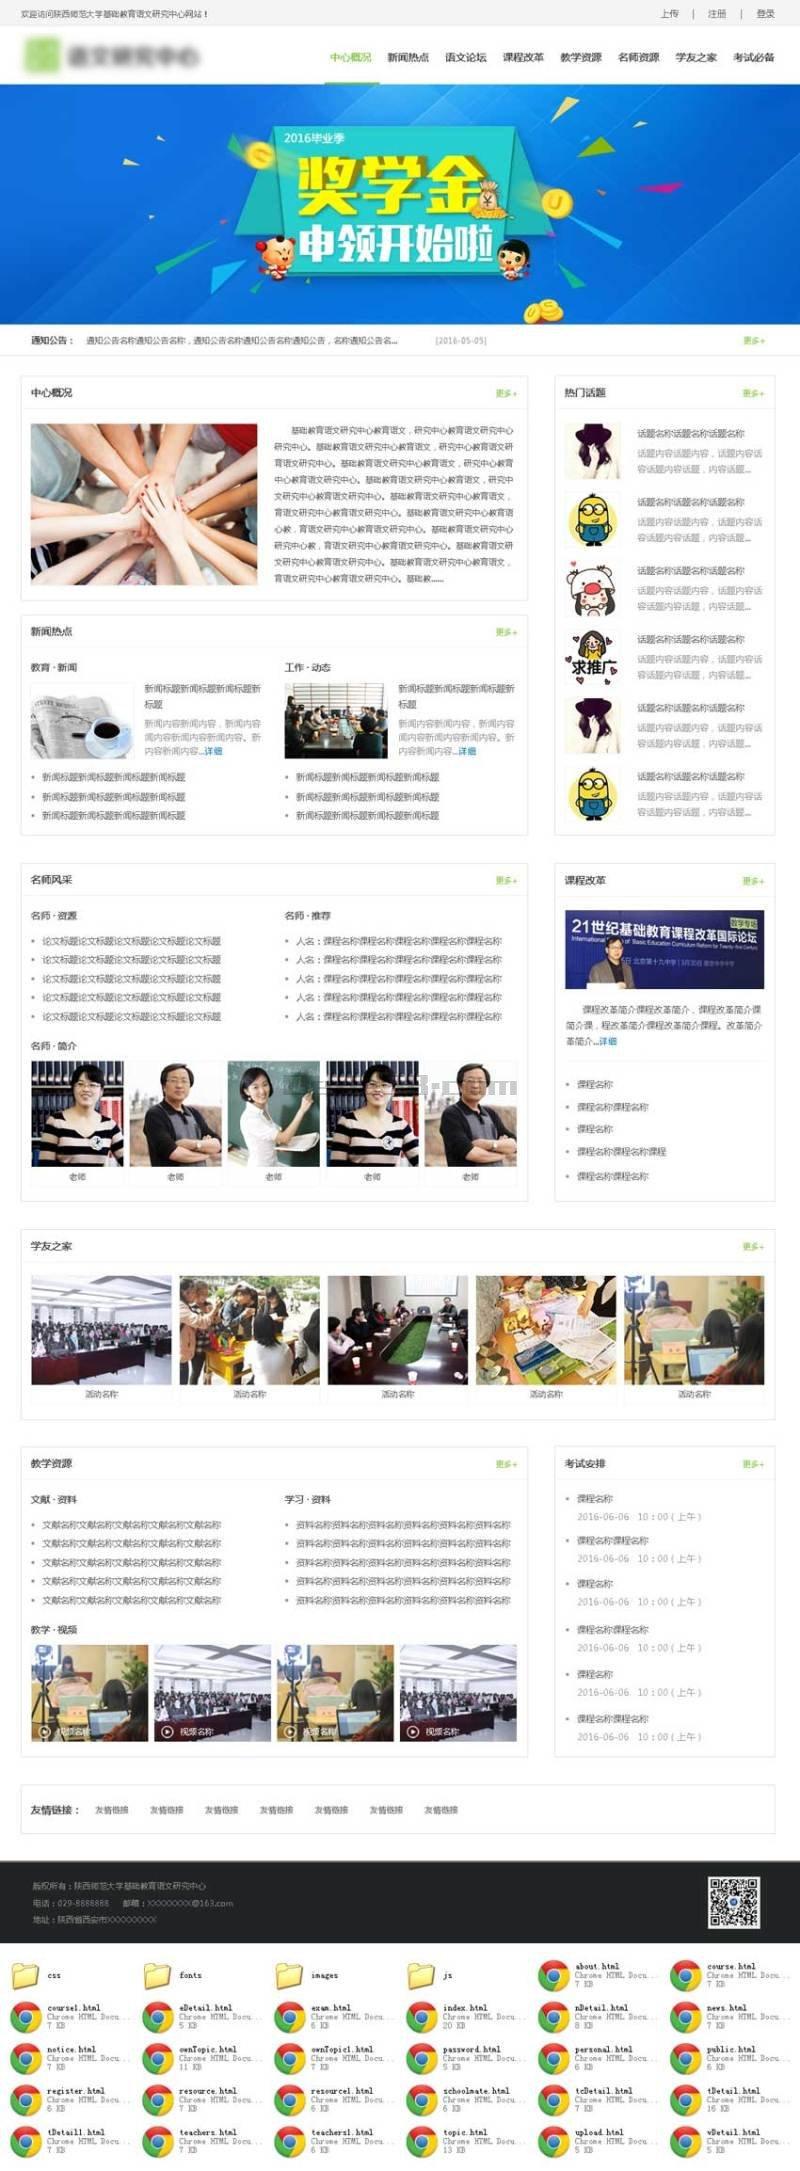 绿色宽屏的学校教育类网站html整站模板